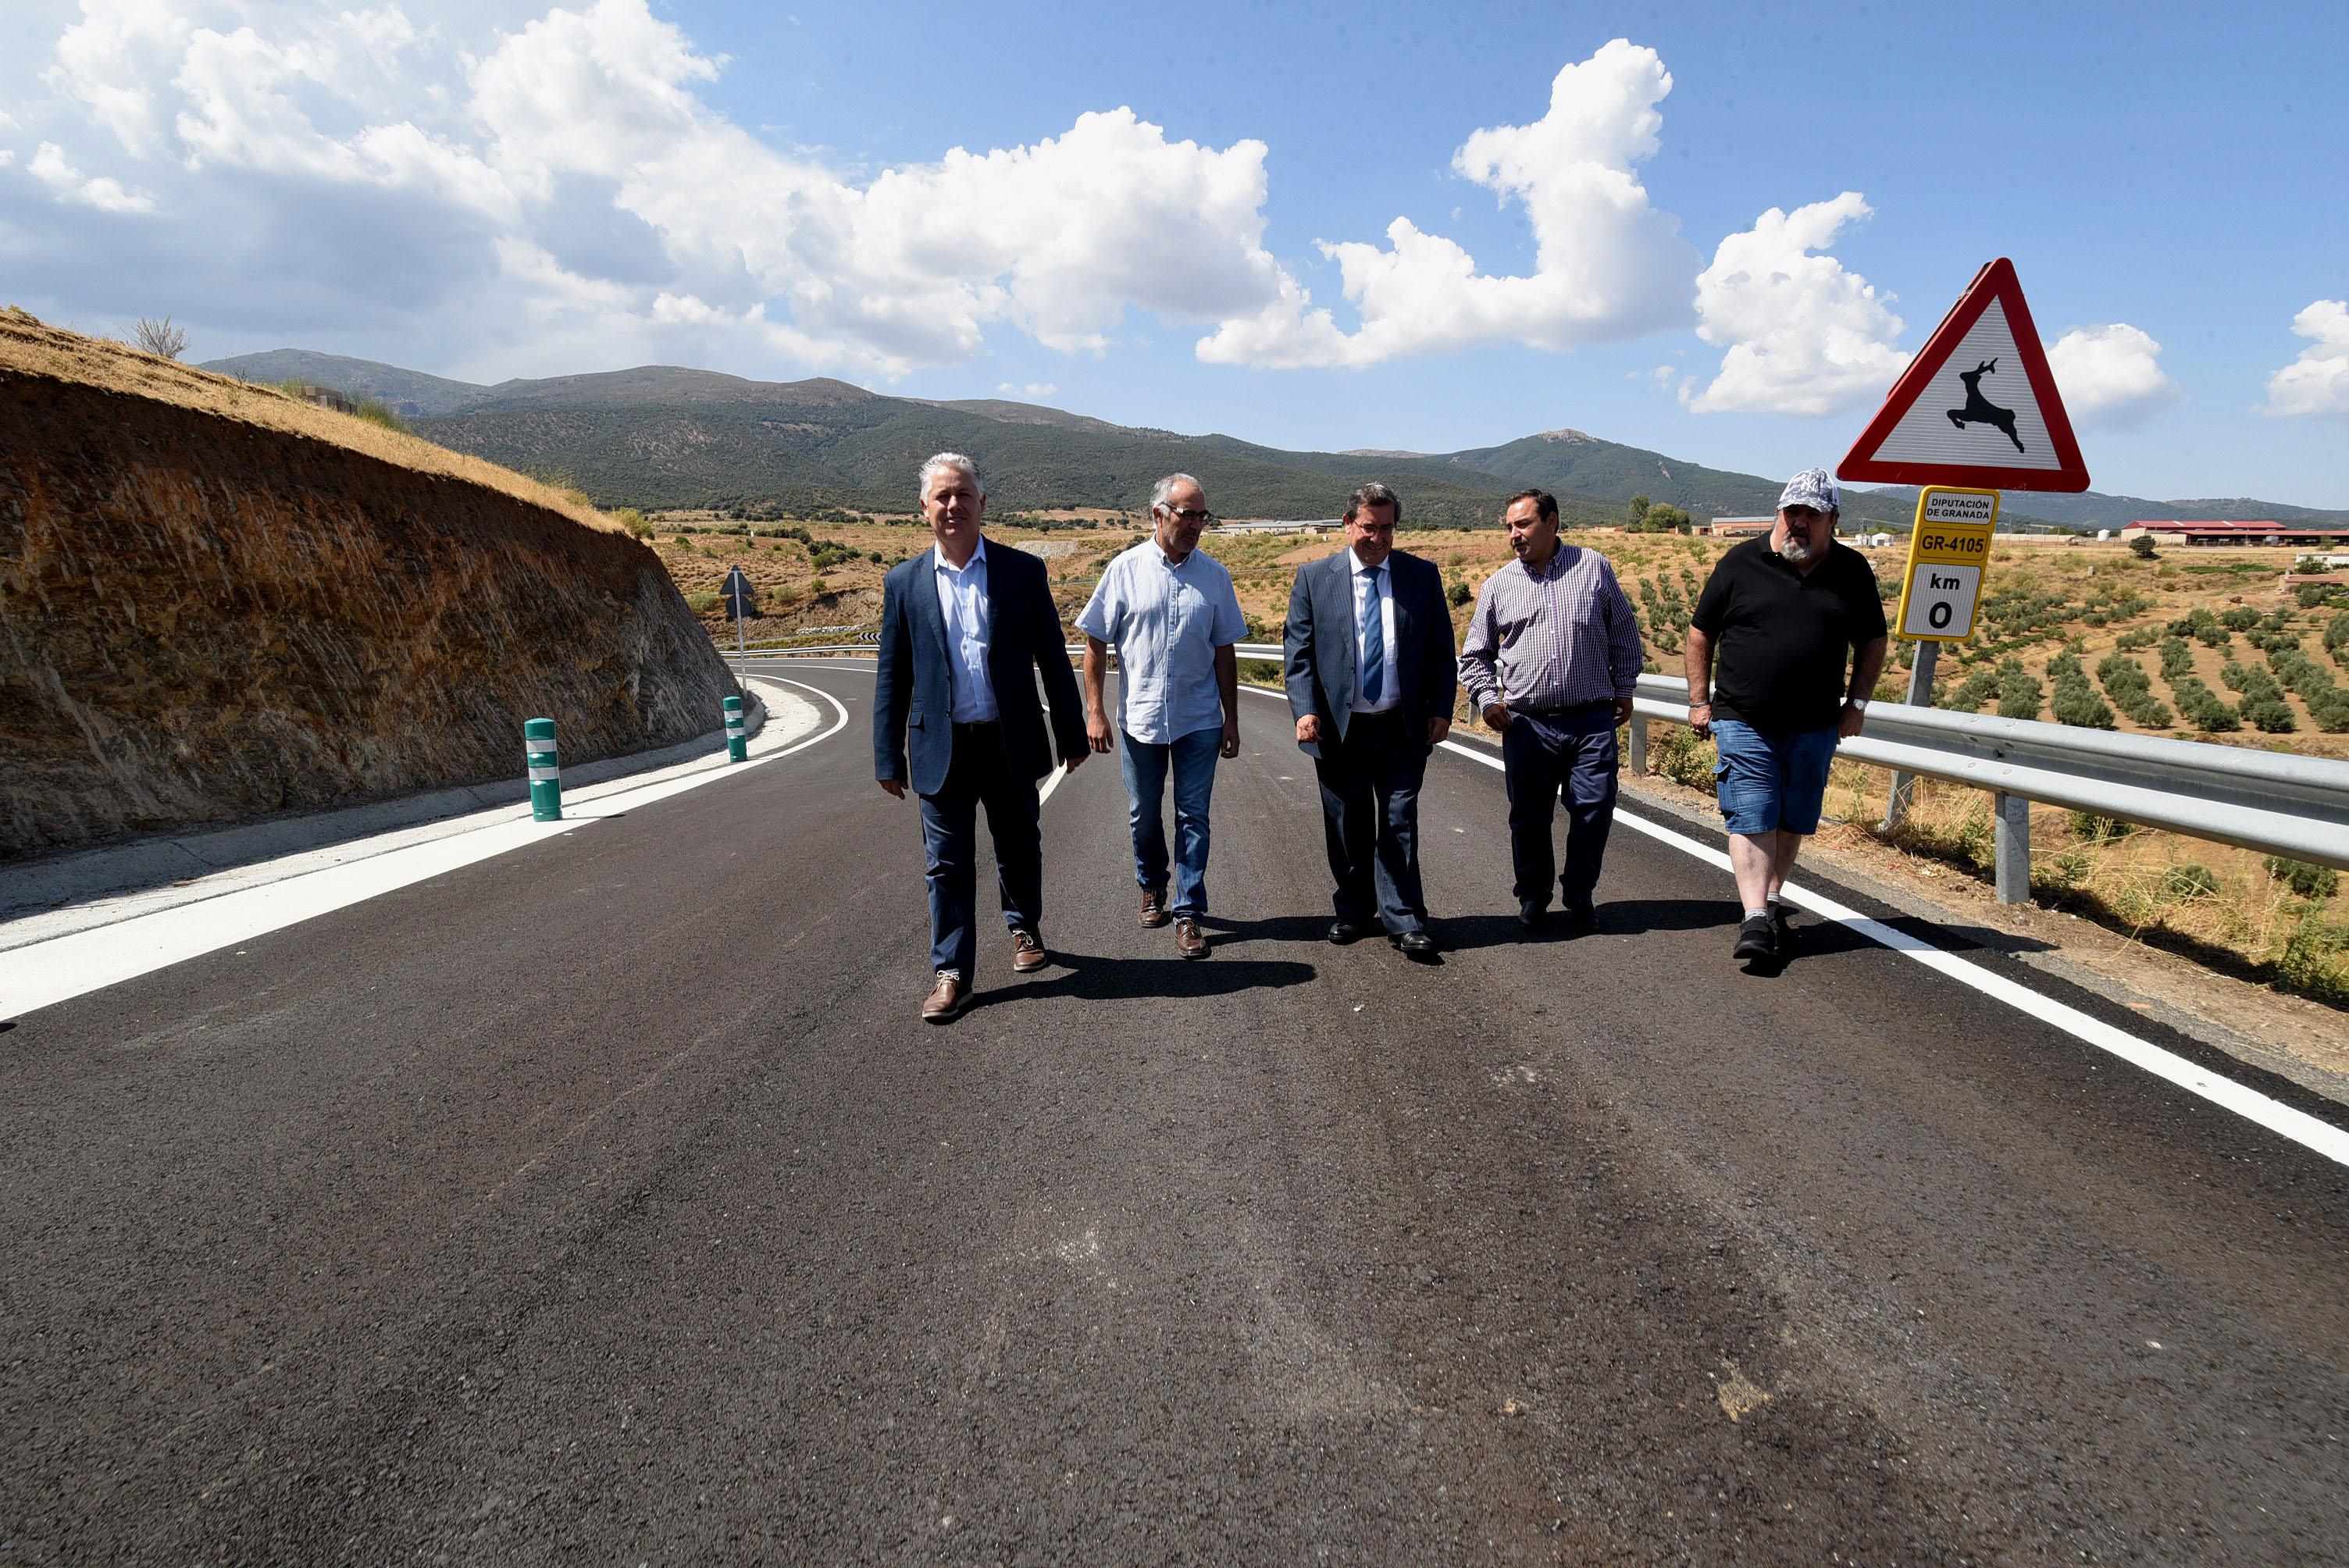 La Diputación termina la mejora de la carretera de acceso a Lugros